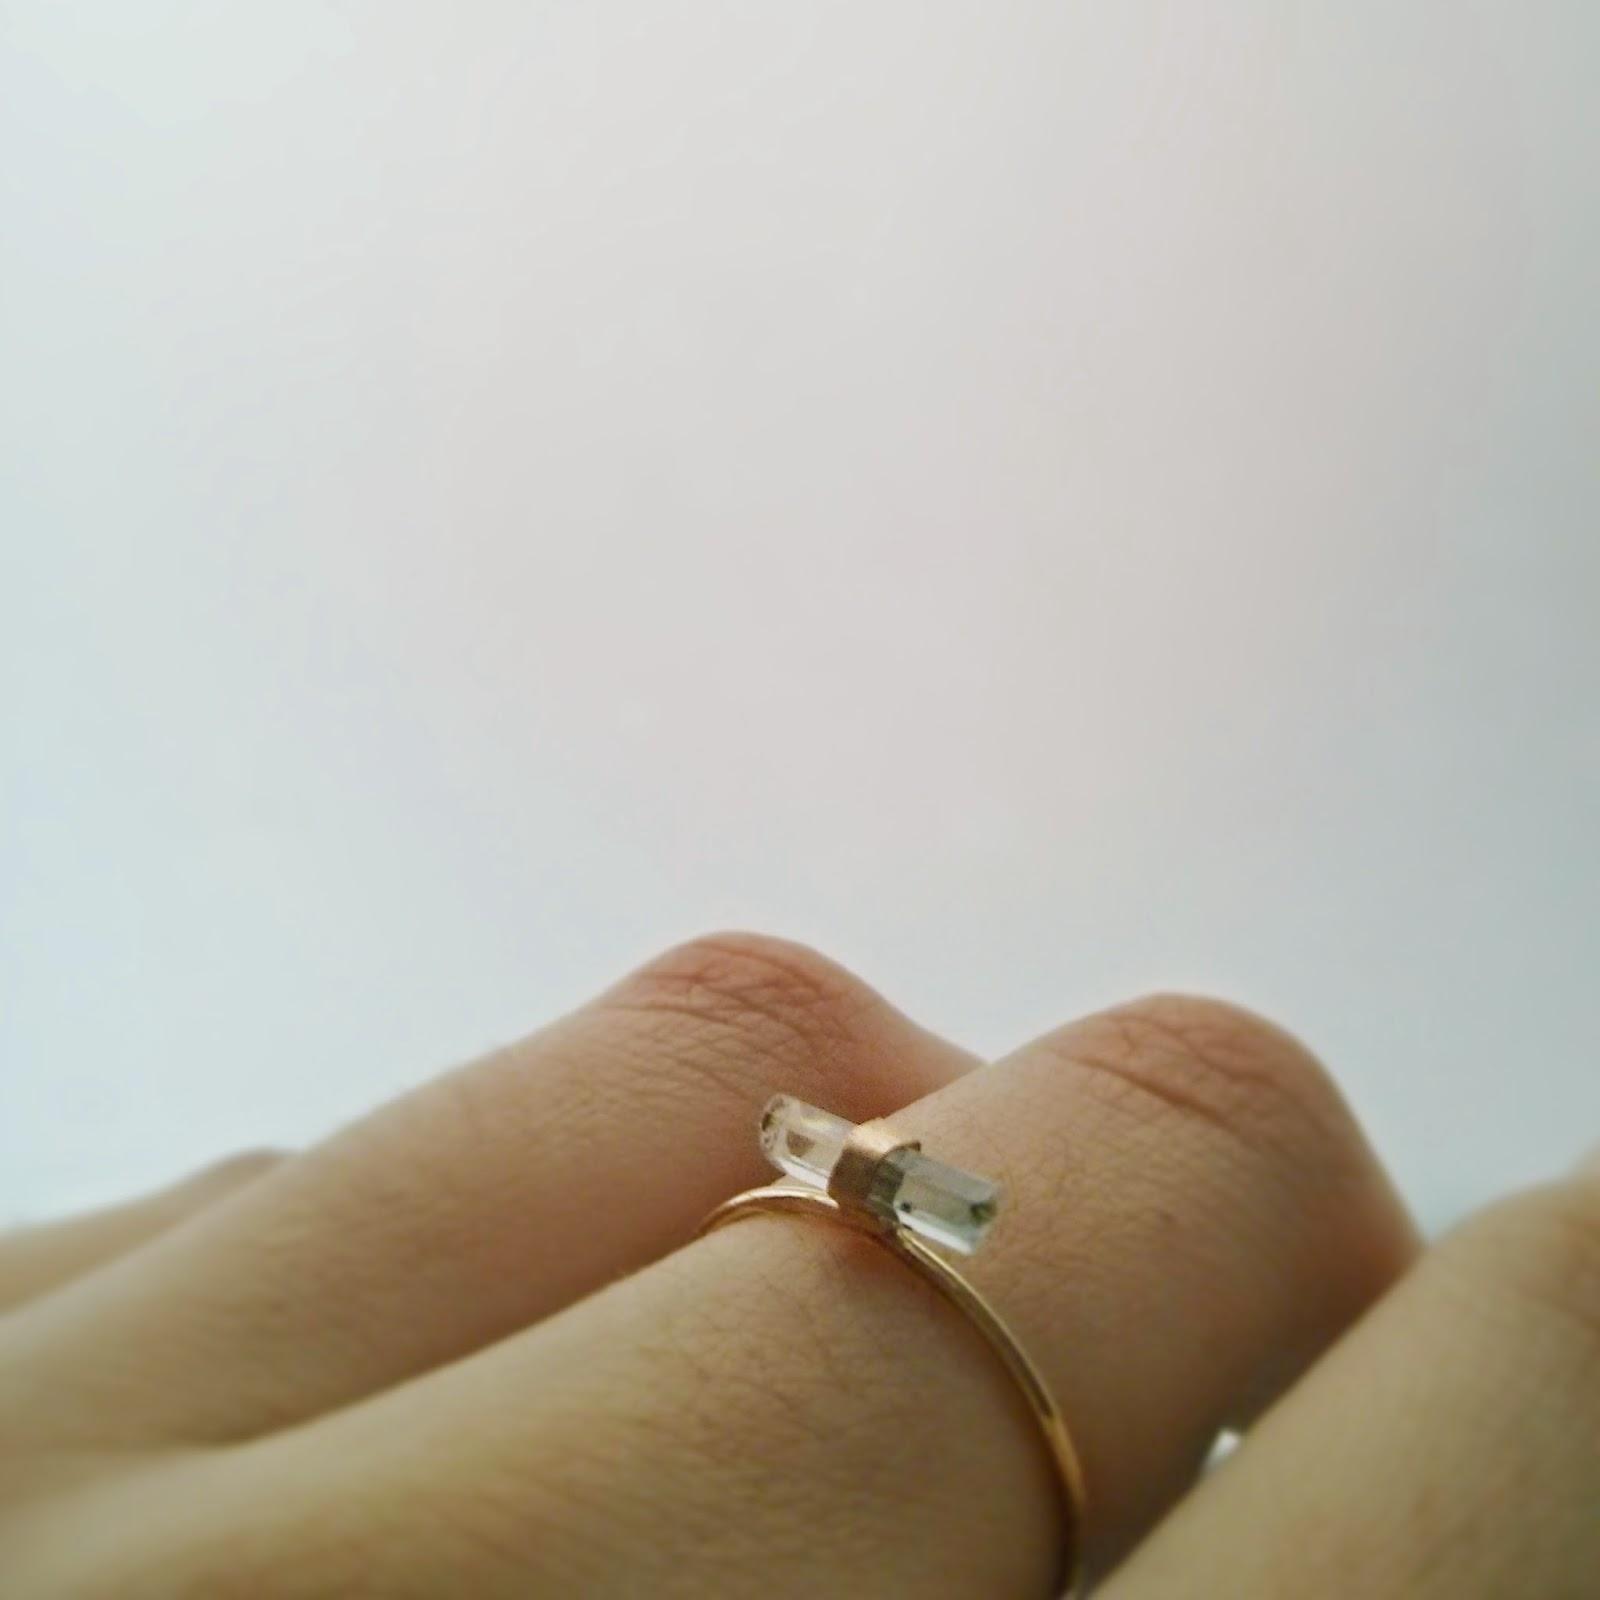 bodas anillos pedida compromiso migayo